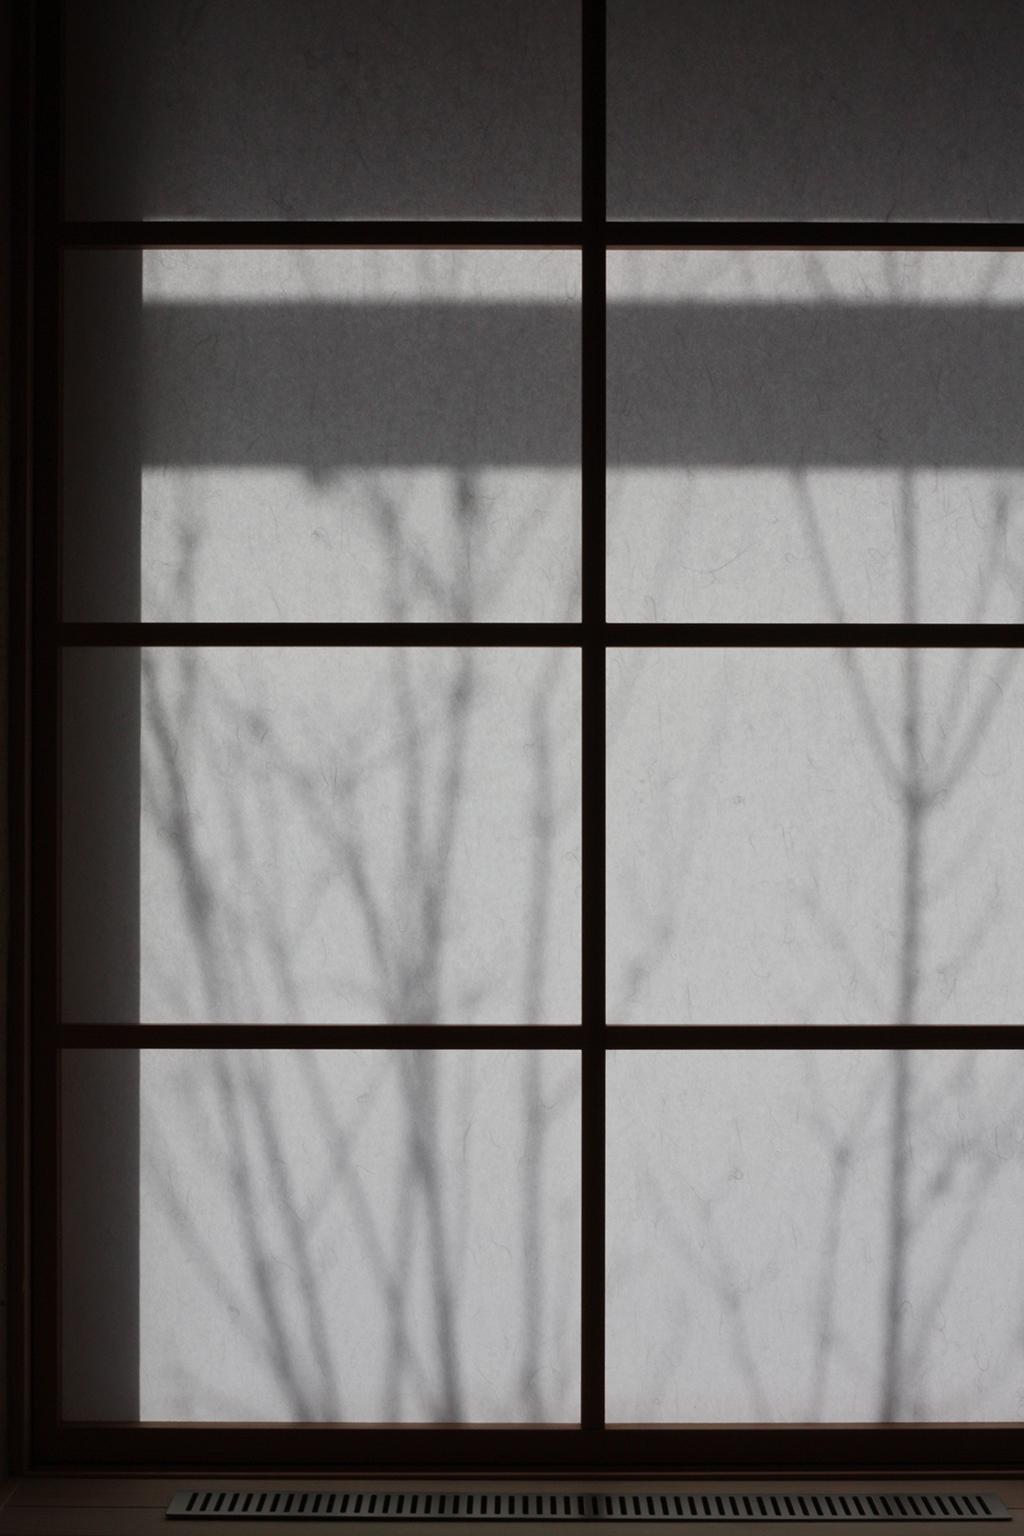 姫路市の木の家 障子に移る植栽の影